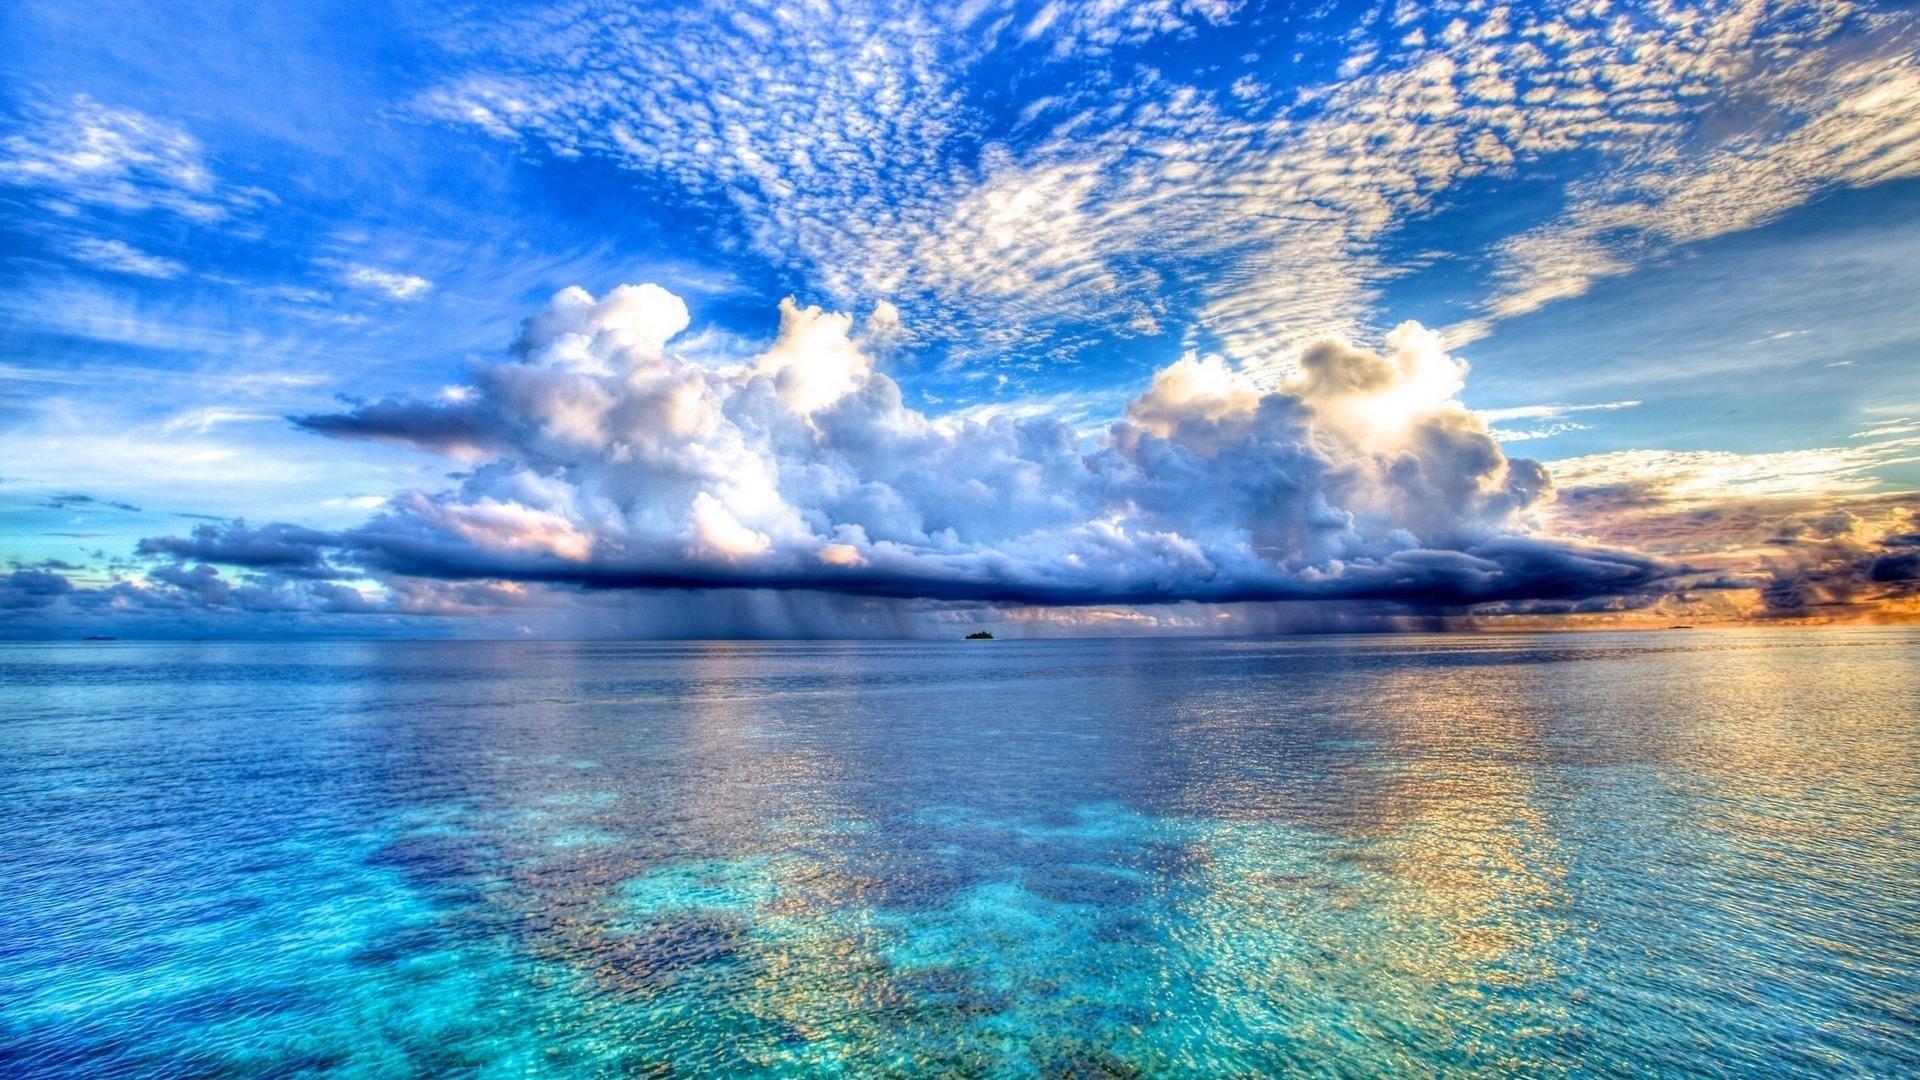 Самые красивые пейзажи мира hd-фото  40 good photos